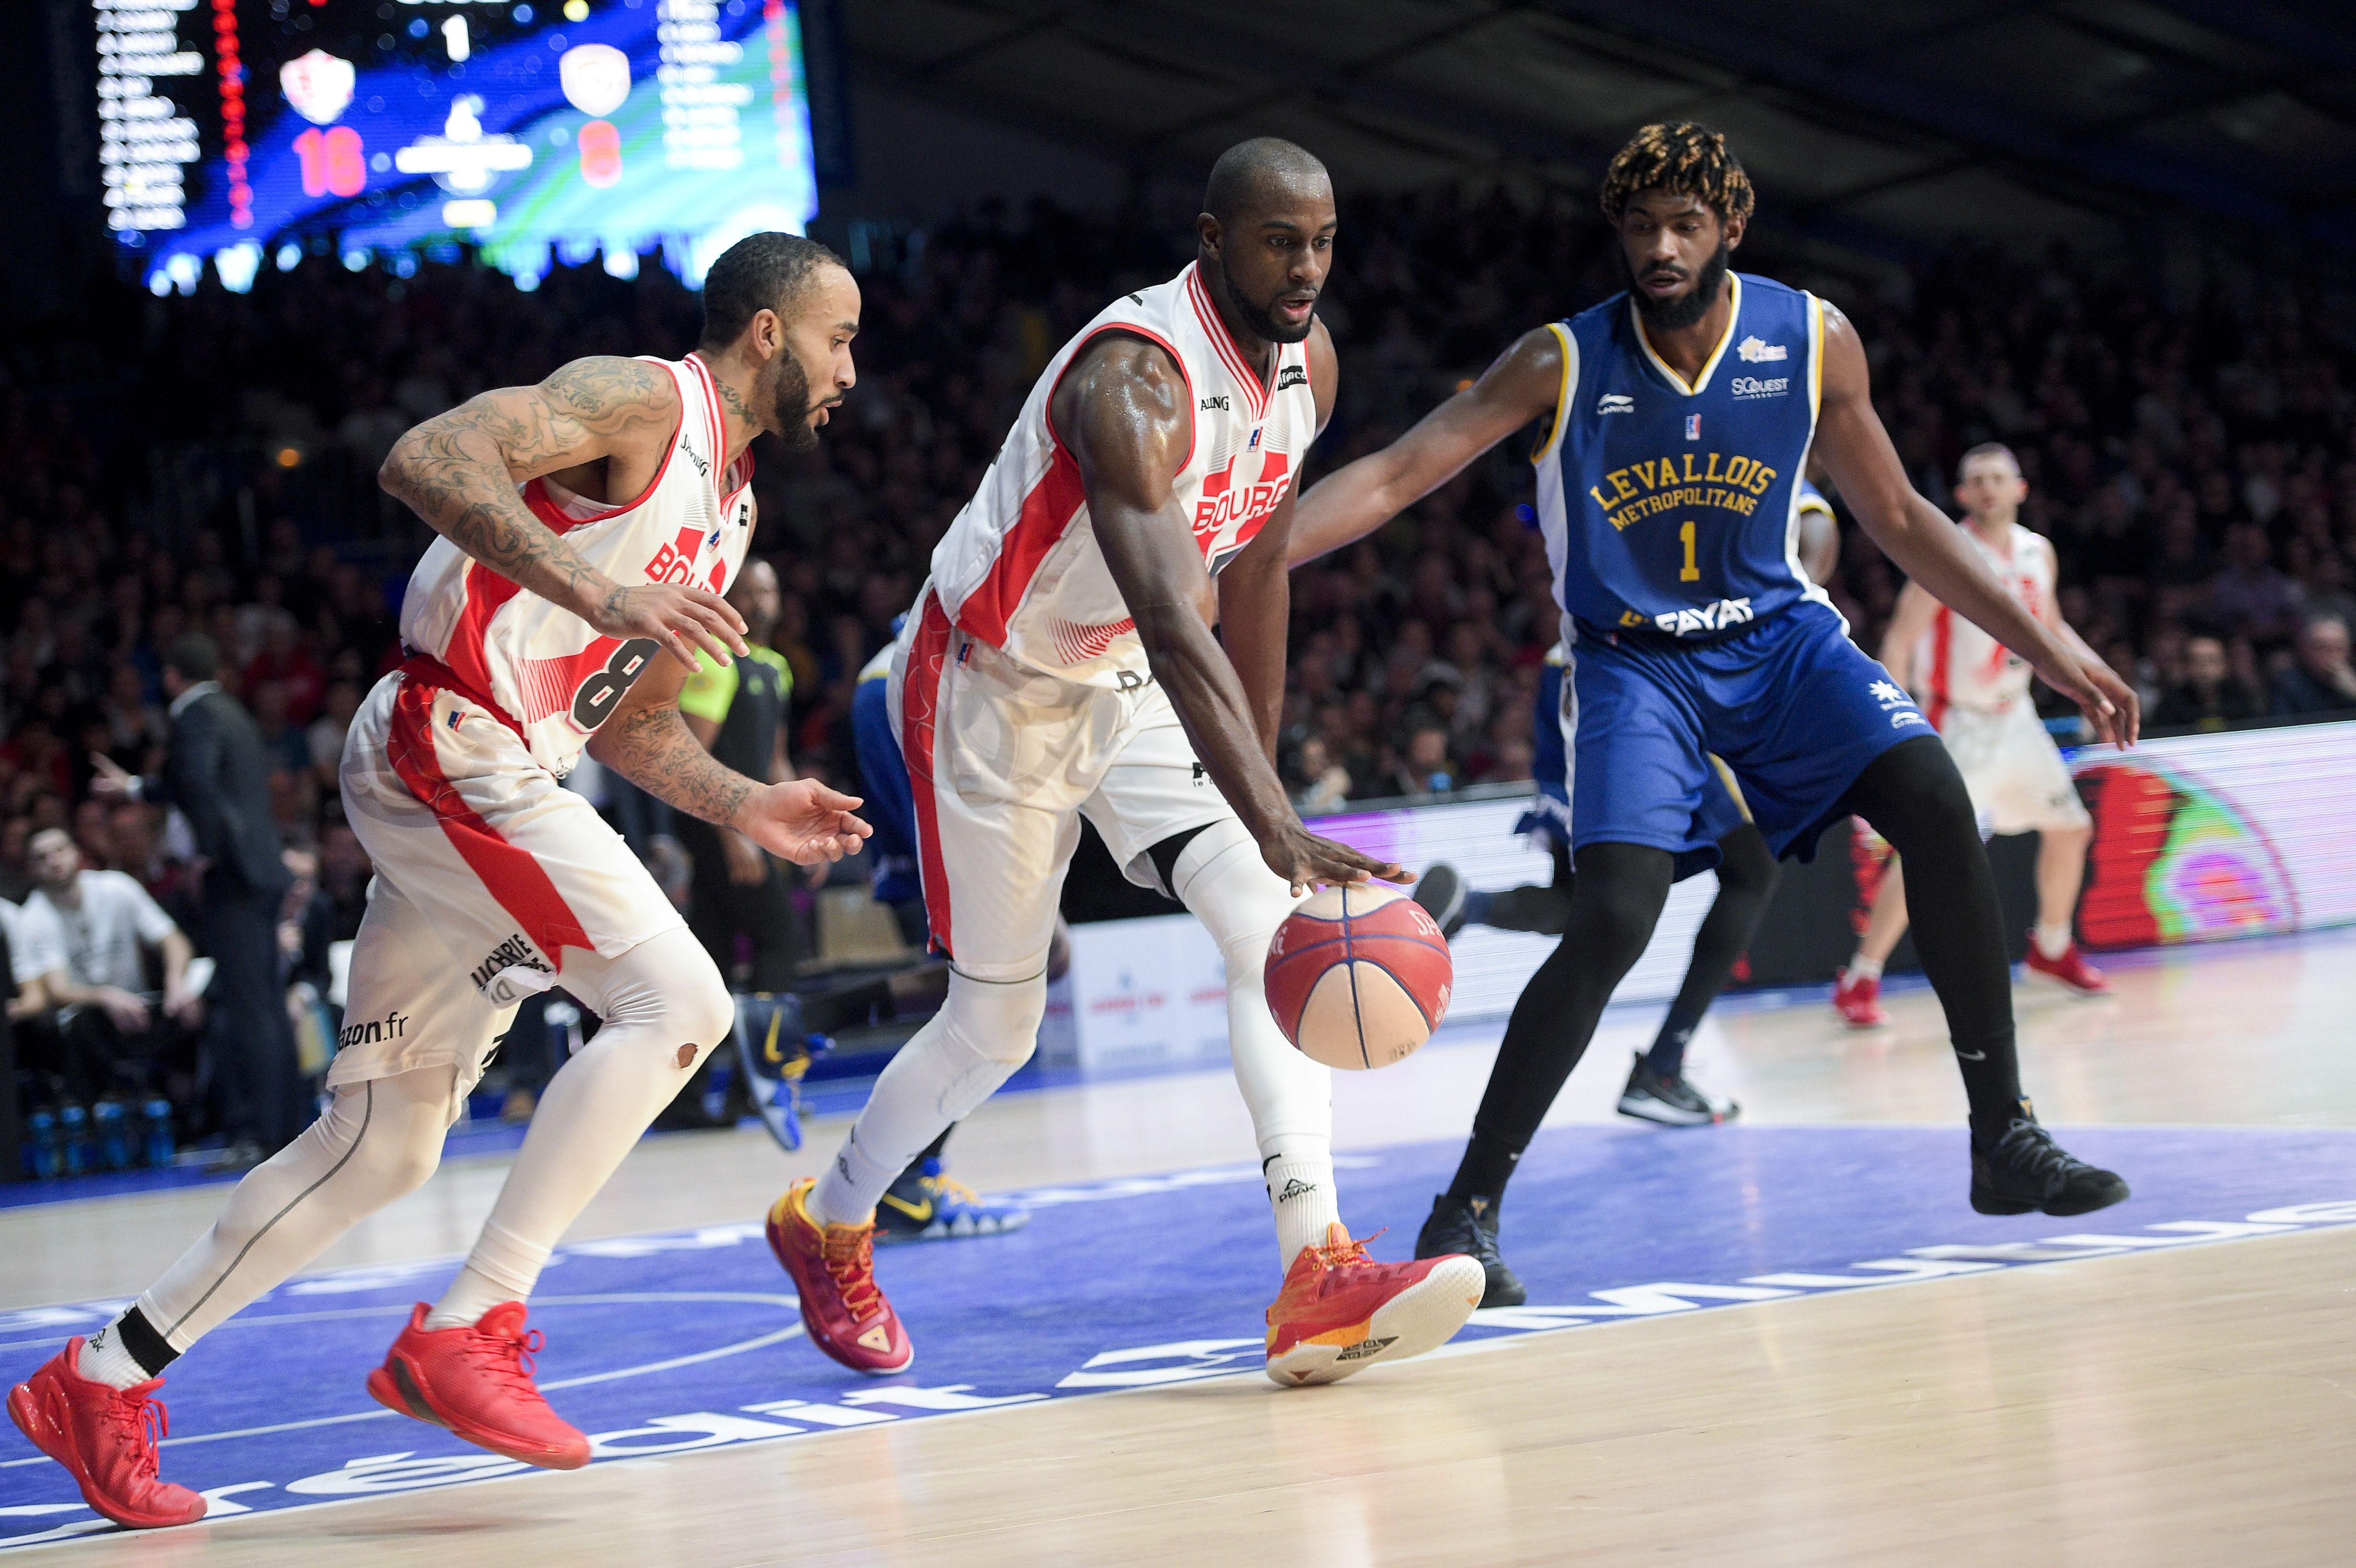 Basket - Jeep ELITE - Leaders Cup : Peacock et la JL Bourg écartent Levallois pour une place en finale